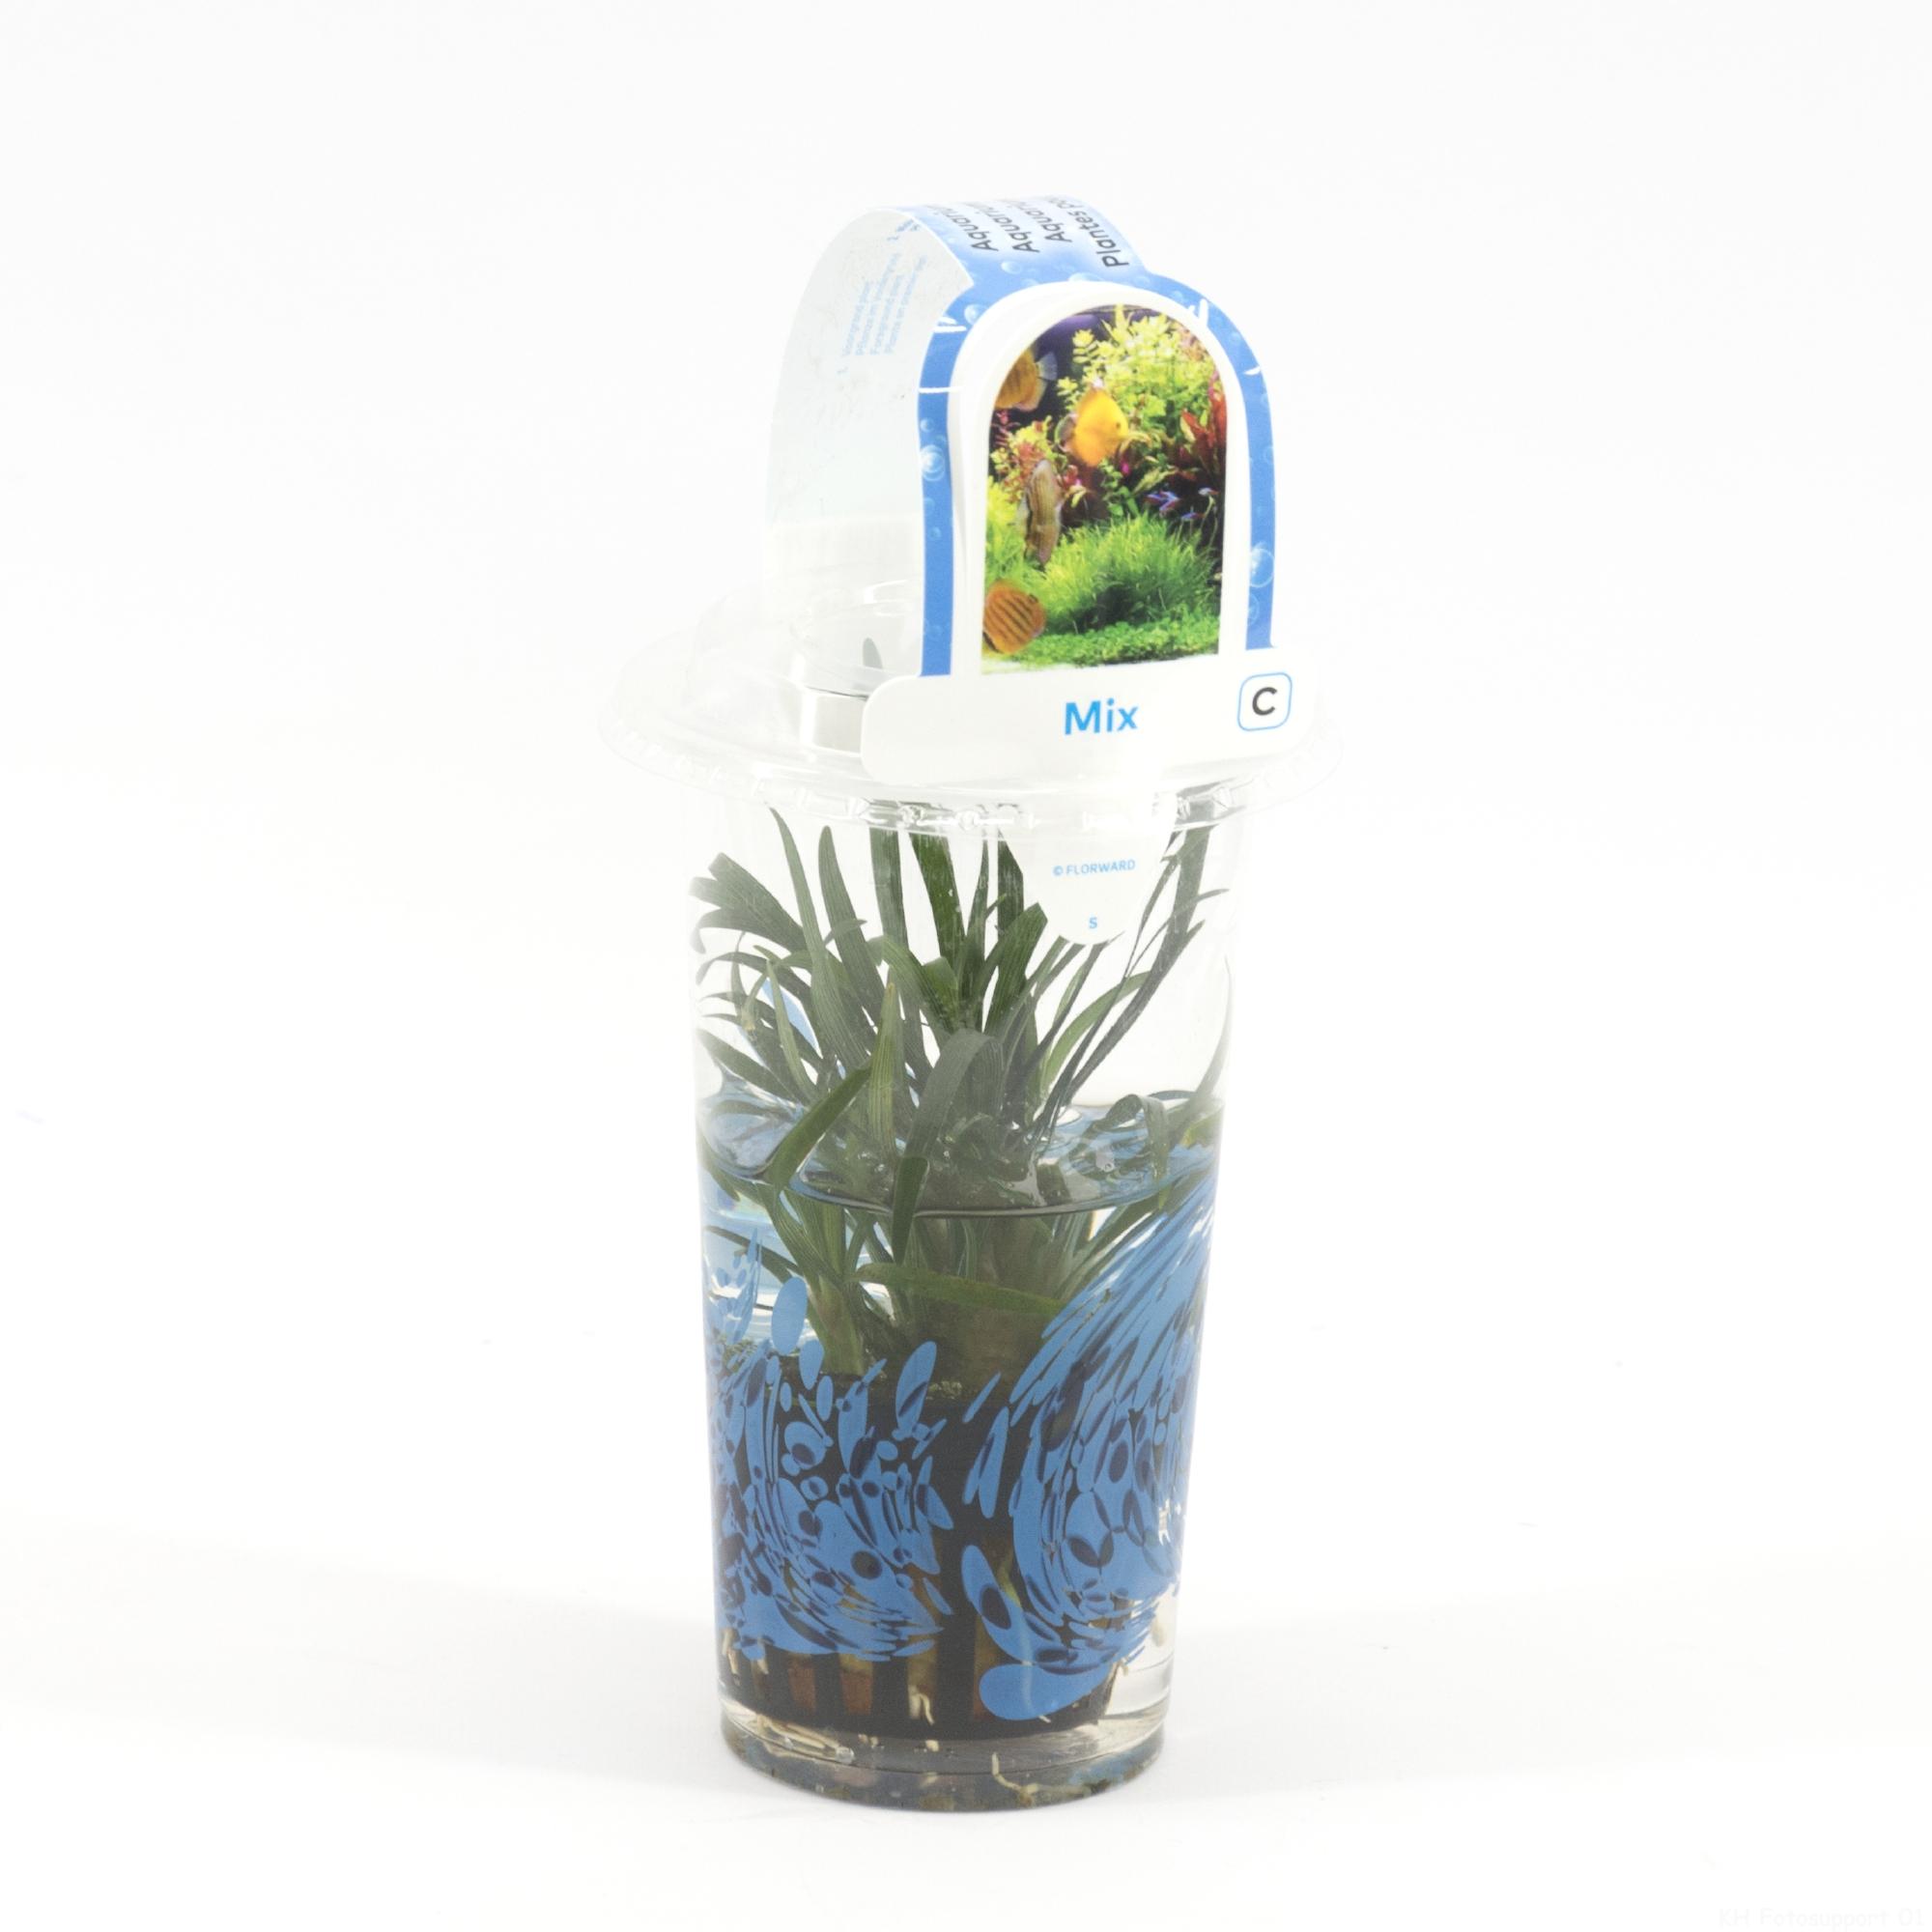 Aquariumplanten mix in beker small